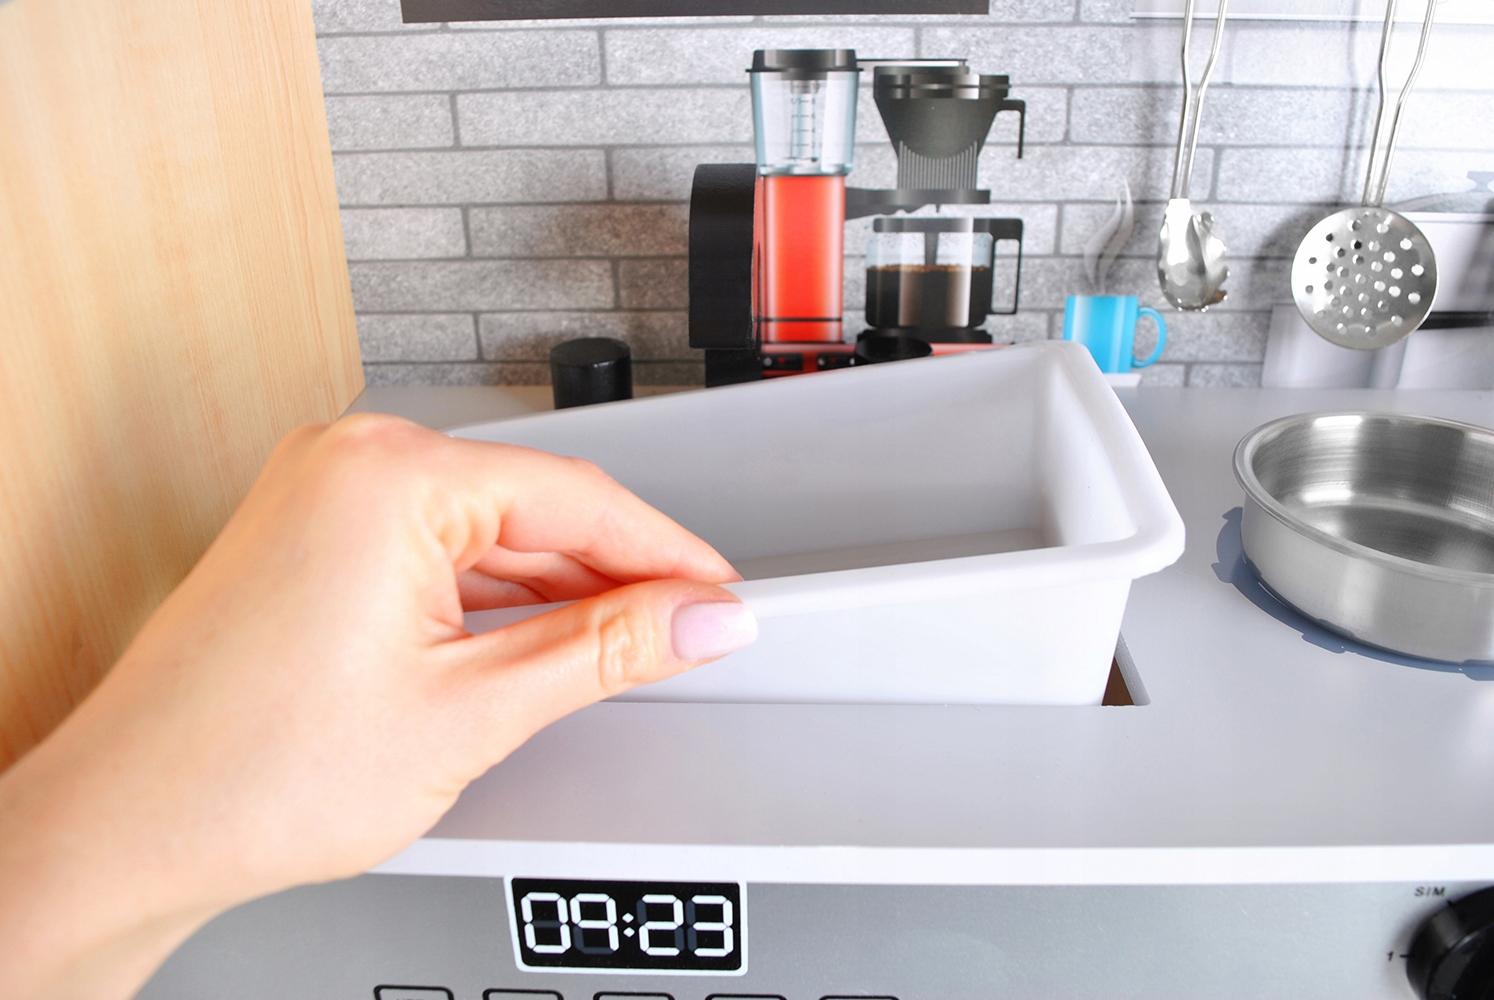 Bucătărie din lemn Soba mare pentru copii Material ușor Lemn Metal Plastic Altele